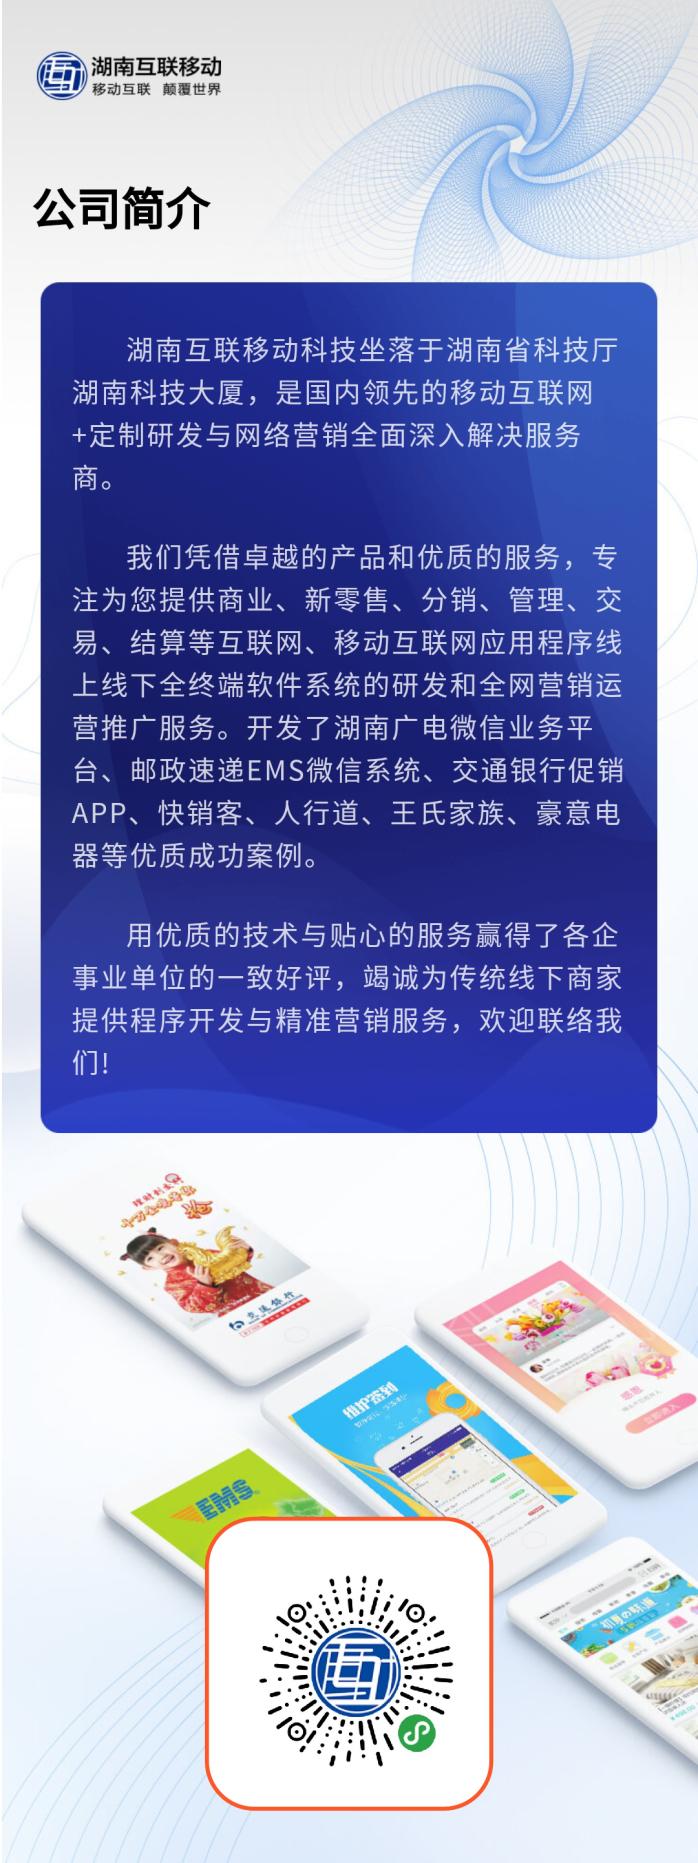 分销程序系统04.jpg